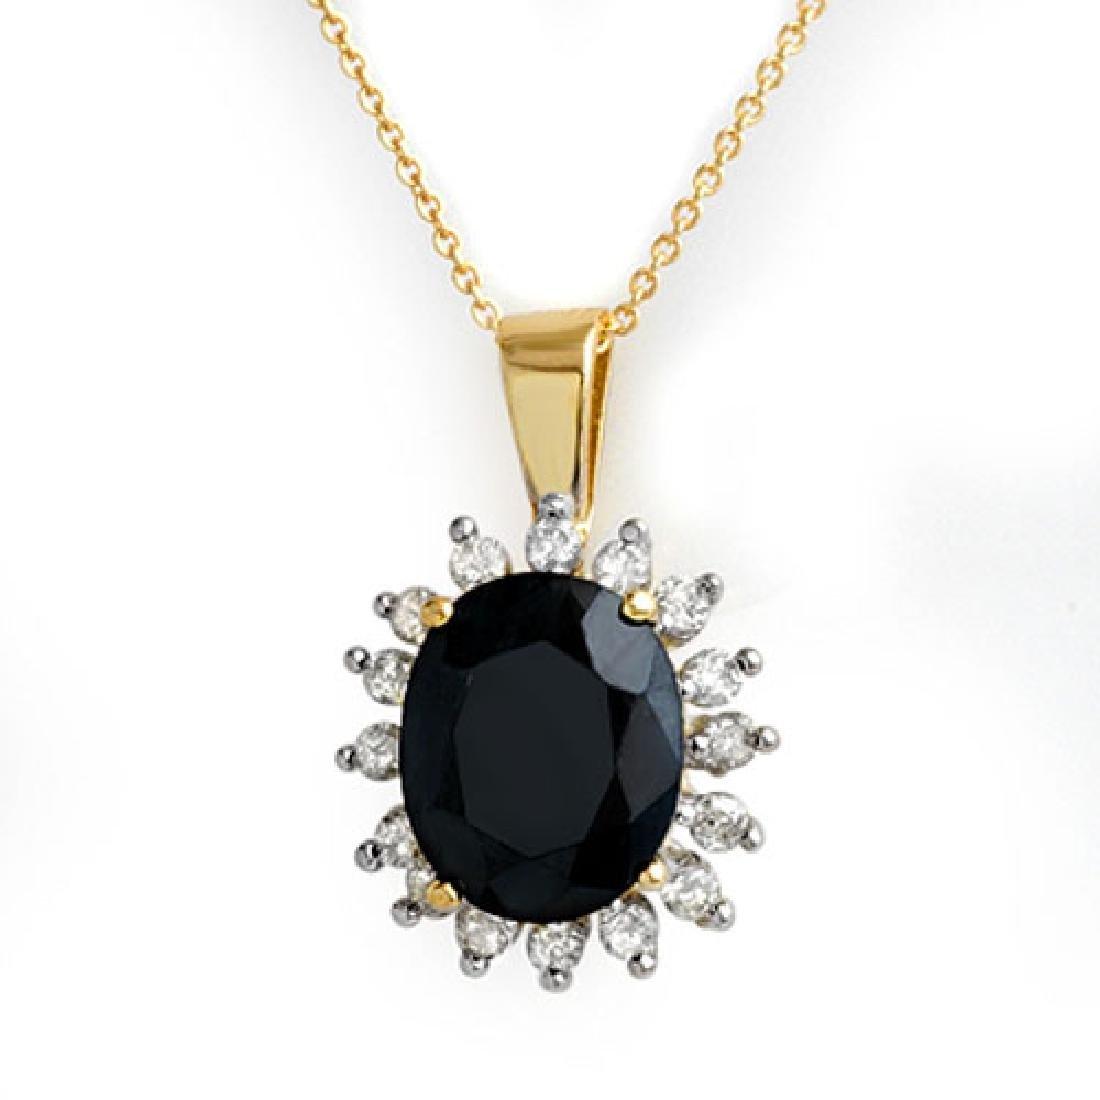 5.20 CTW Blue Sapphire & Diamond Pendant 14K Yellow